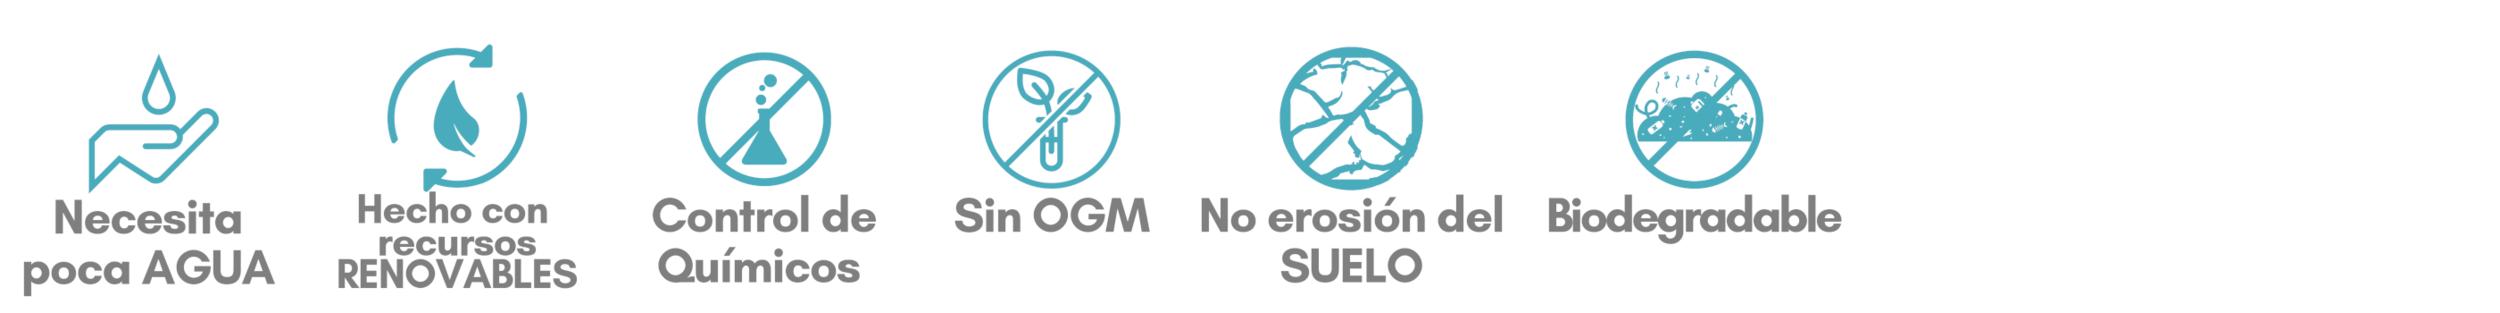 sustainable fiber